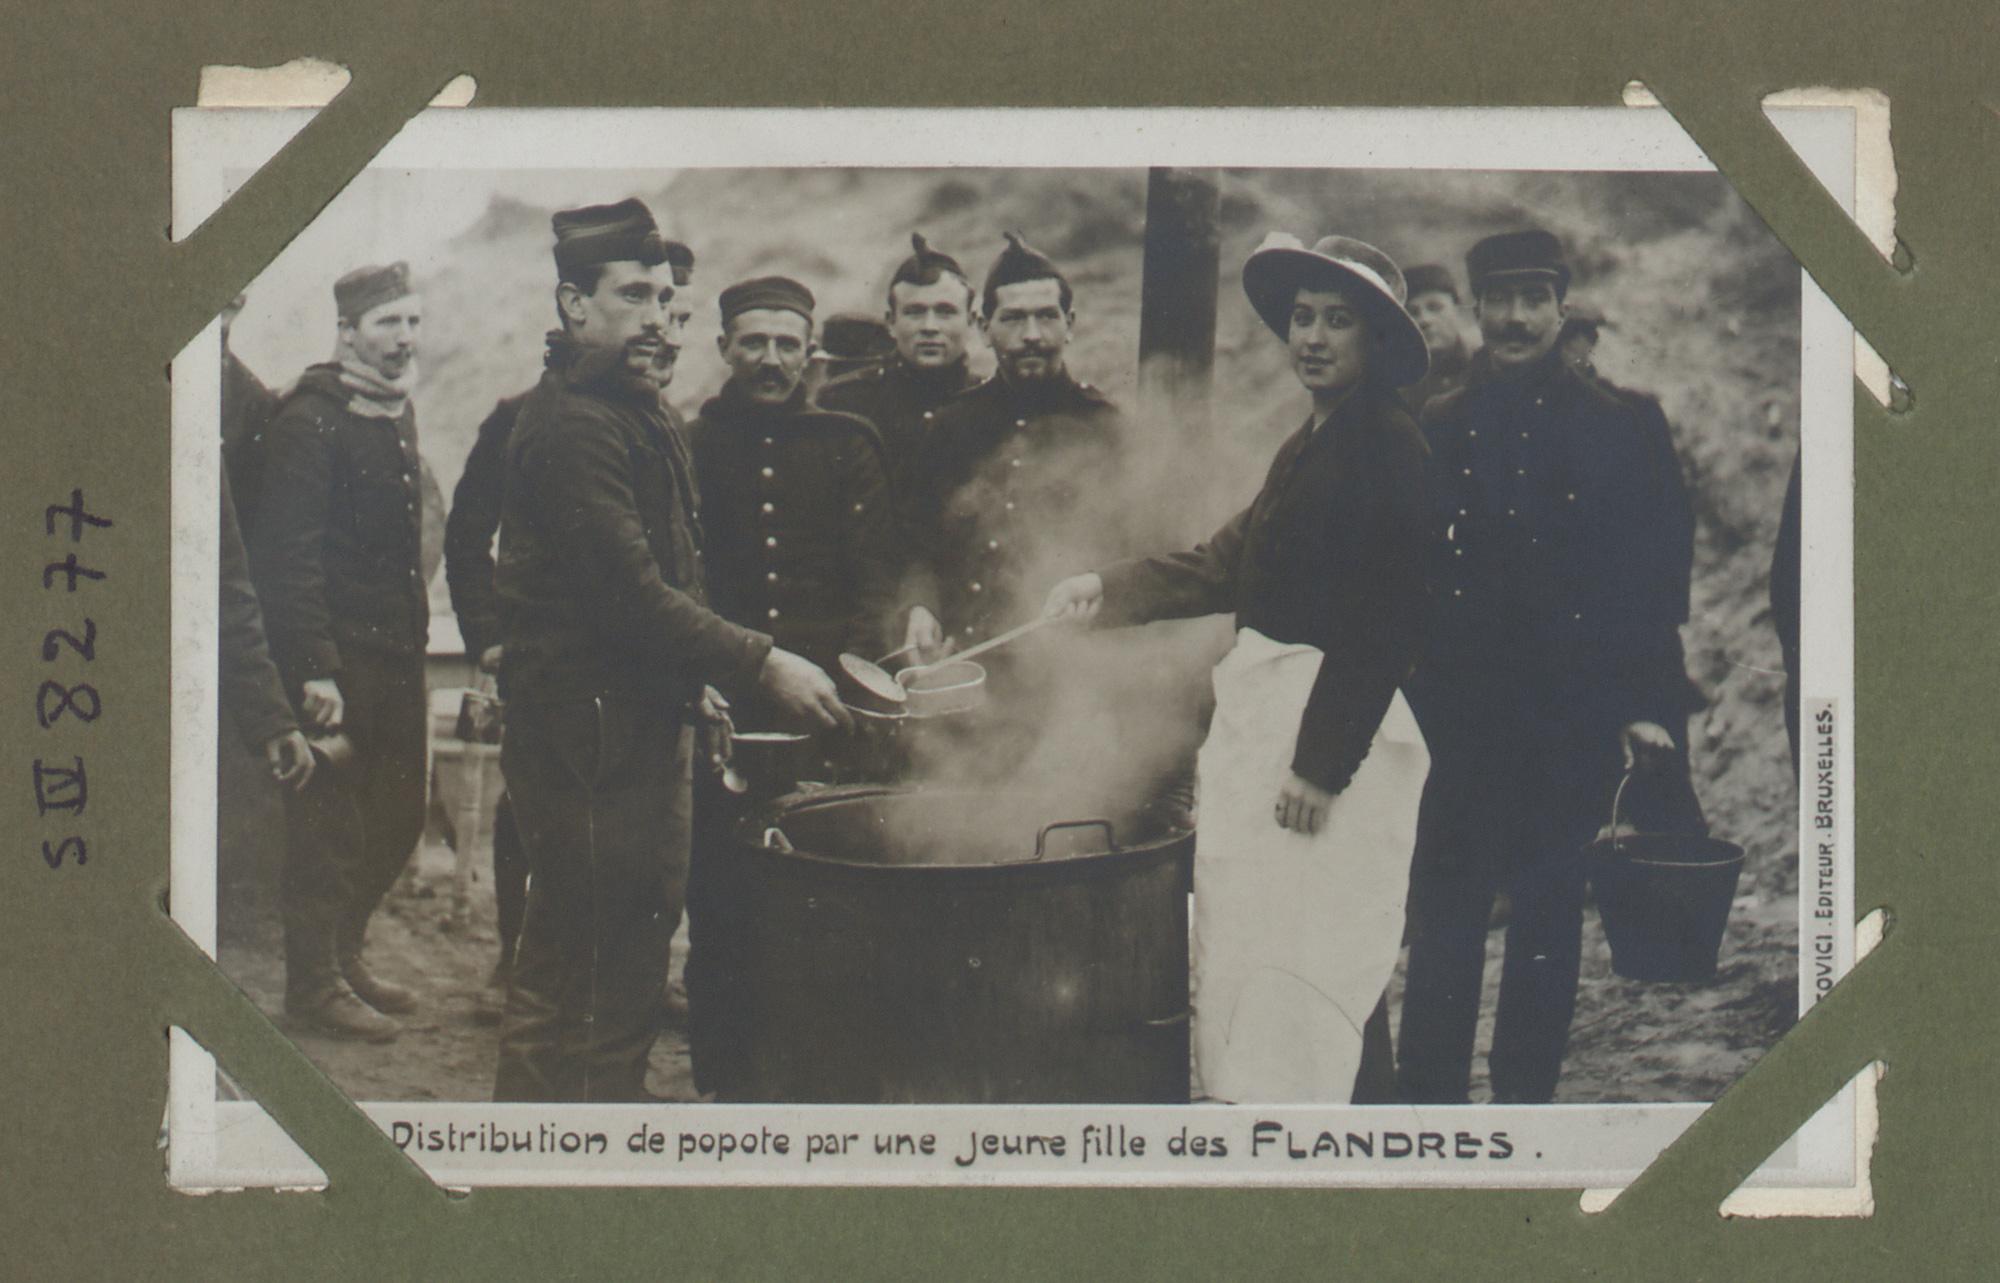 Distribution de popote par une jeune fille des Flandres